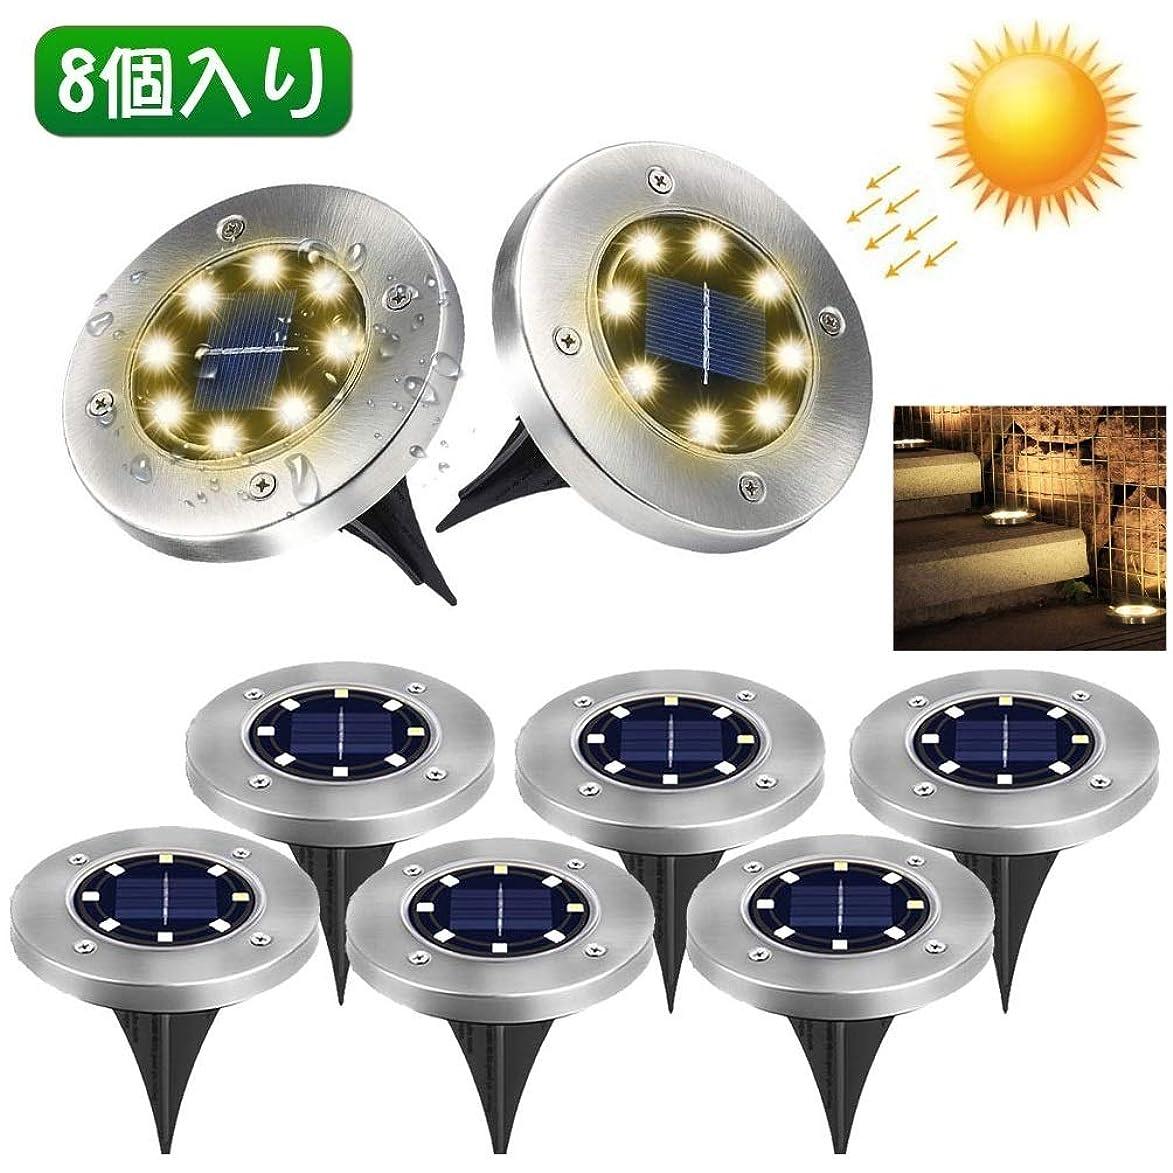 添加剤方程式やがて8個セット 埋め込み式 ソーラー LED スポットライト 防水対応 ガーデン 玄関 屋外照明 太陽光充電 遊歩道 埋没タイプ 庭 夜間 自動点灯